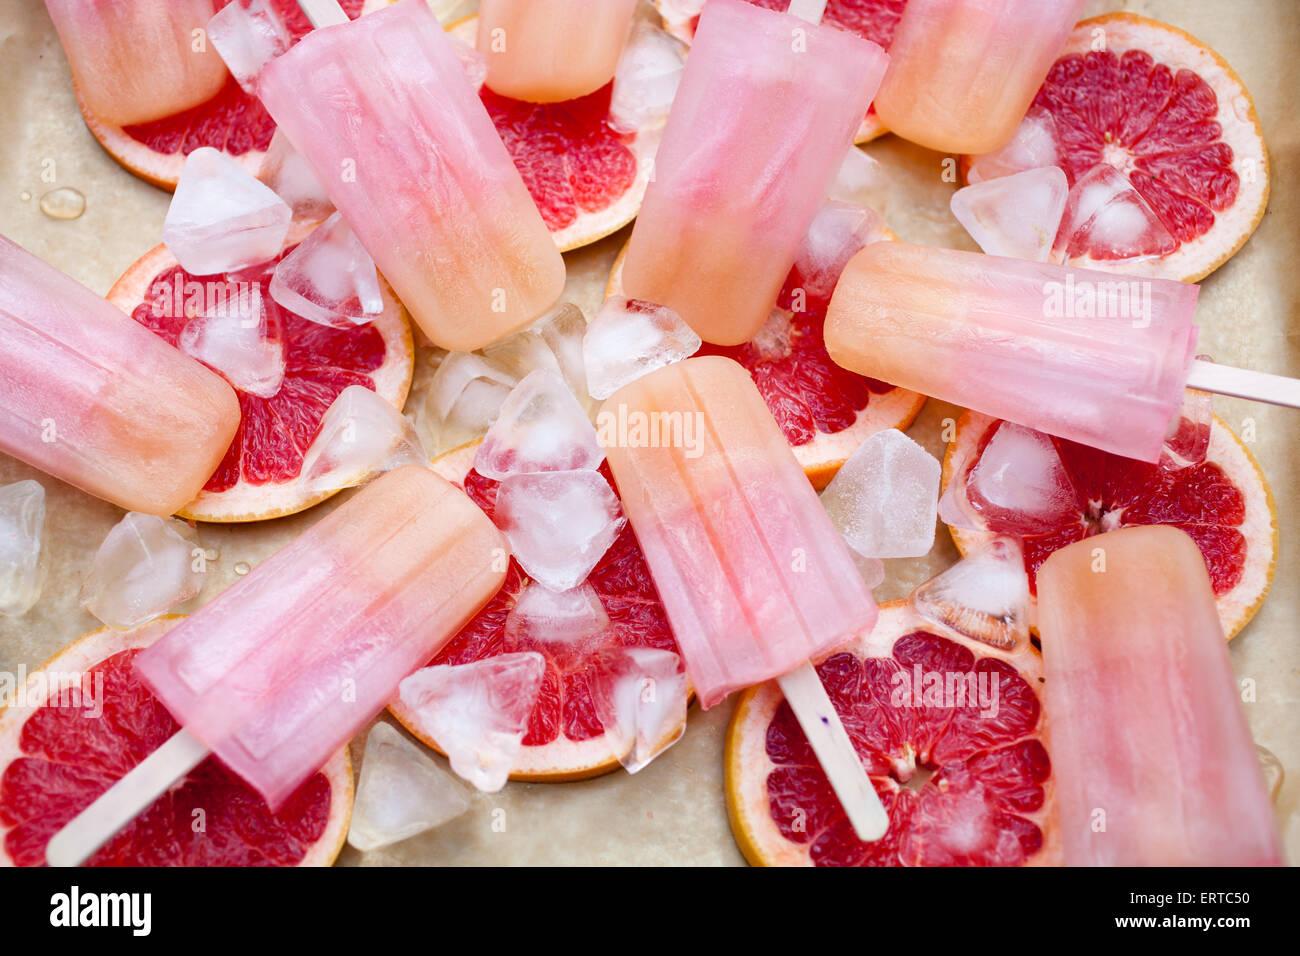 Sucettes fruité avec de la glace et bloodorange Photo Stock